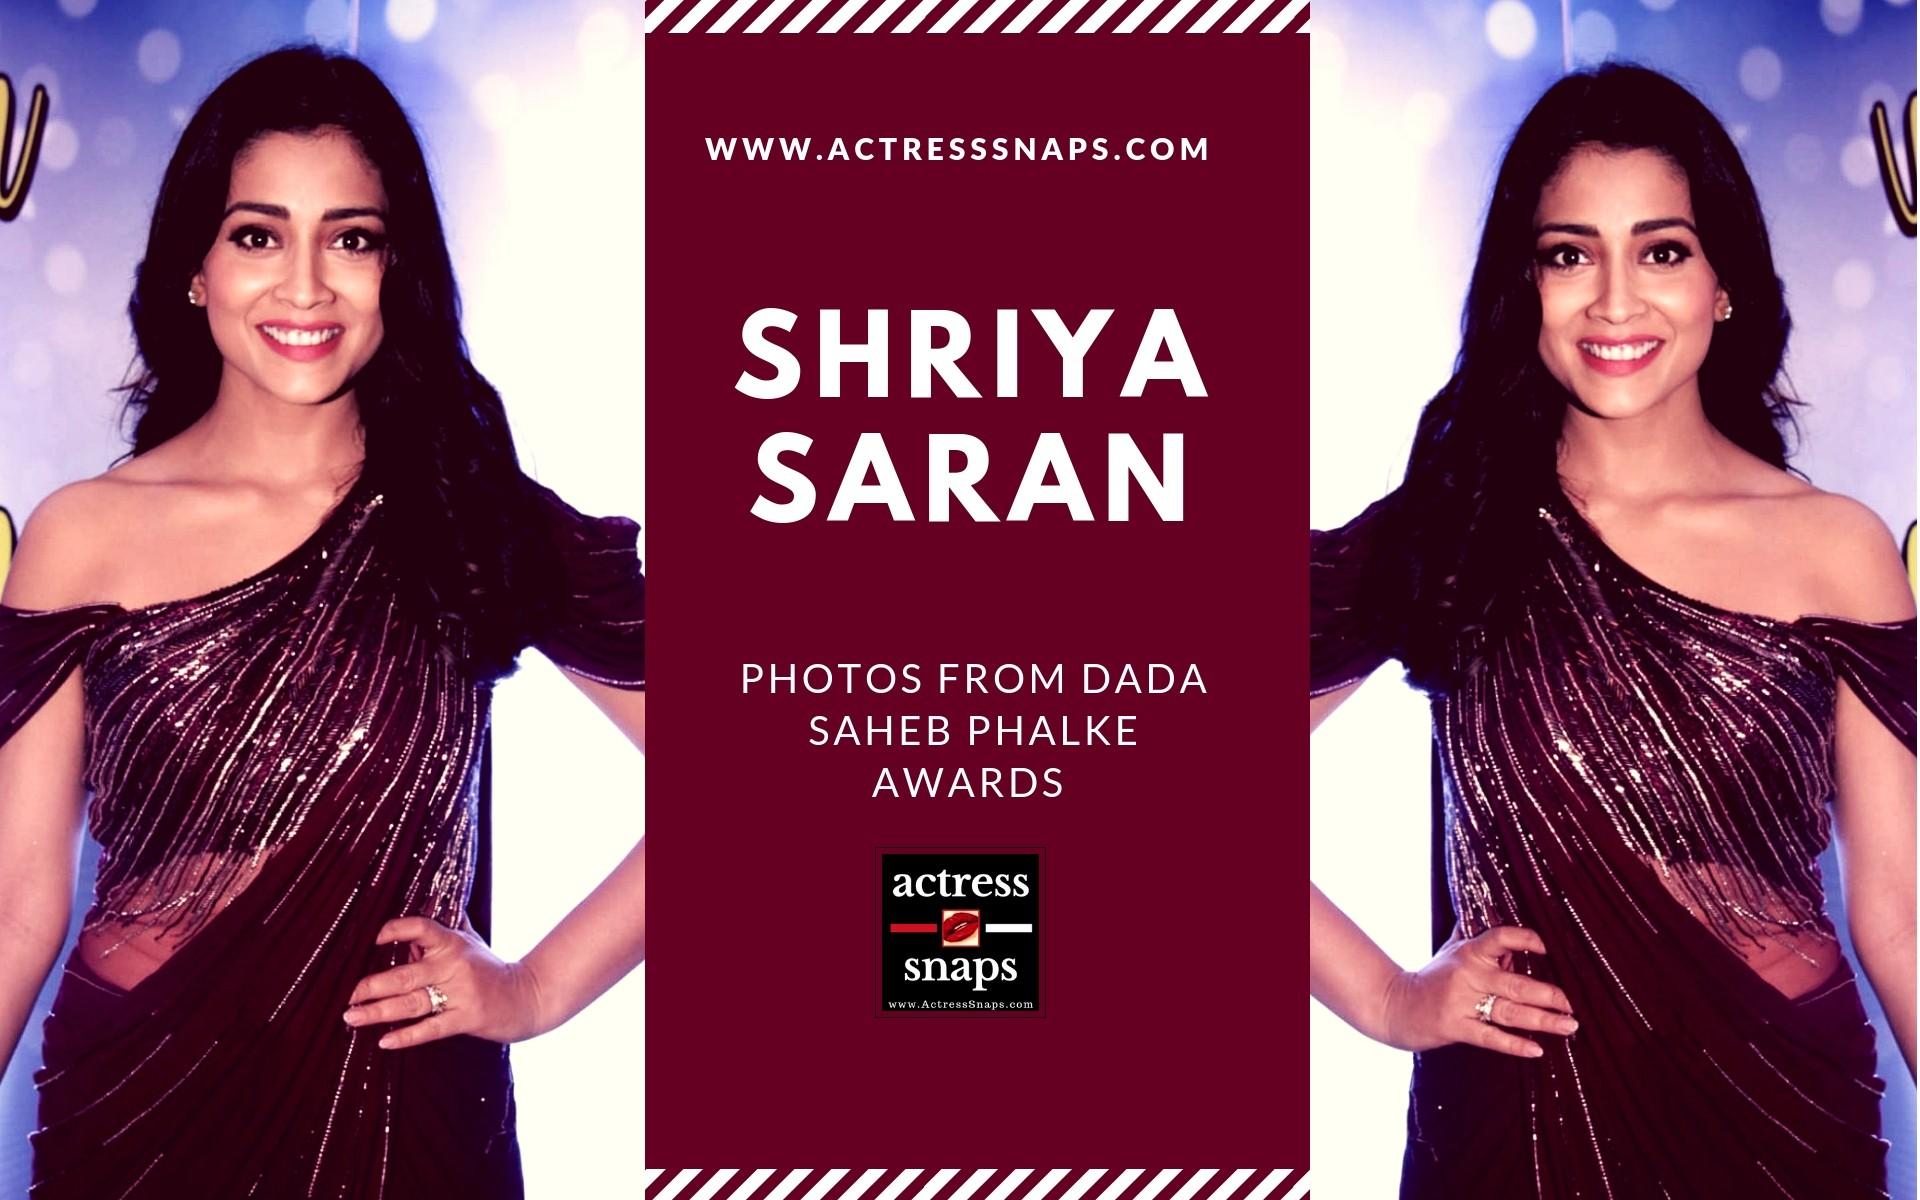 Shriya Saran Photos from DadaSaheb Phalke Awards - Sexy Actress Pictures | Hot Actress Pictures - ActressSnaps.com